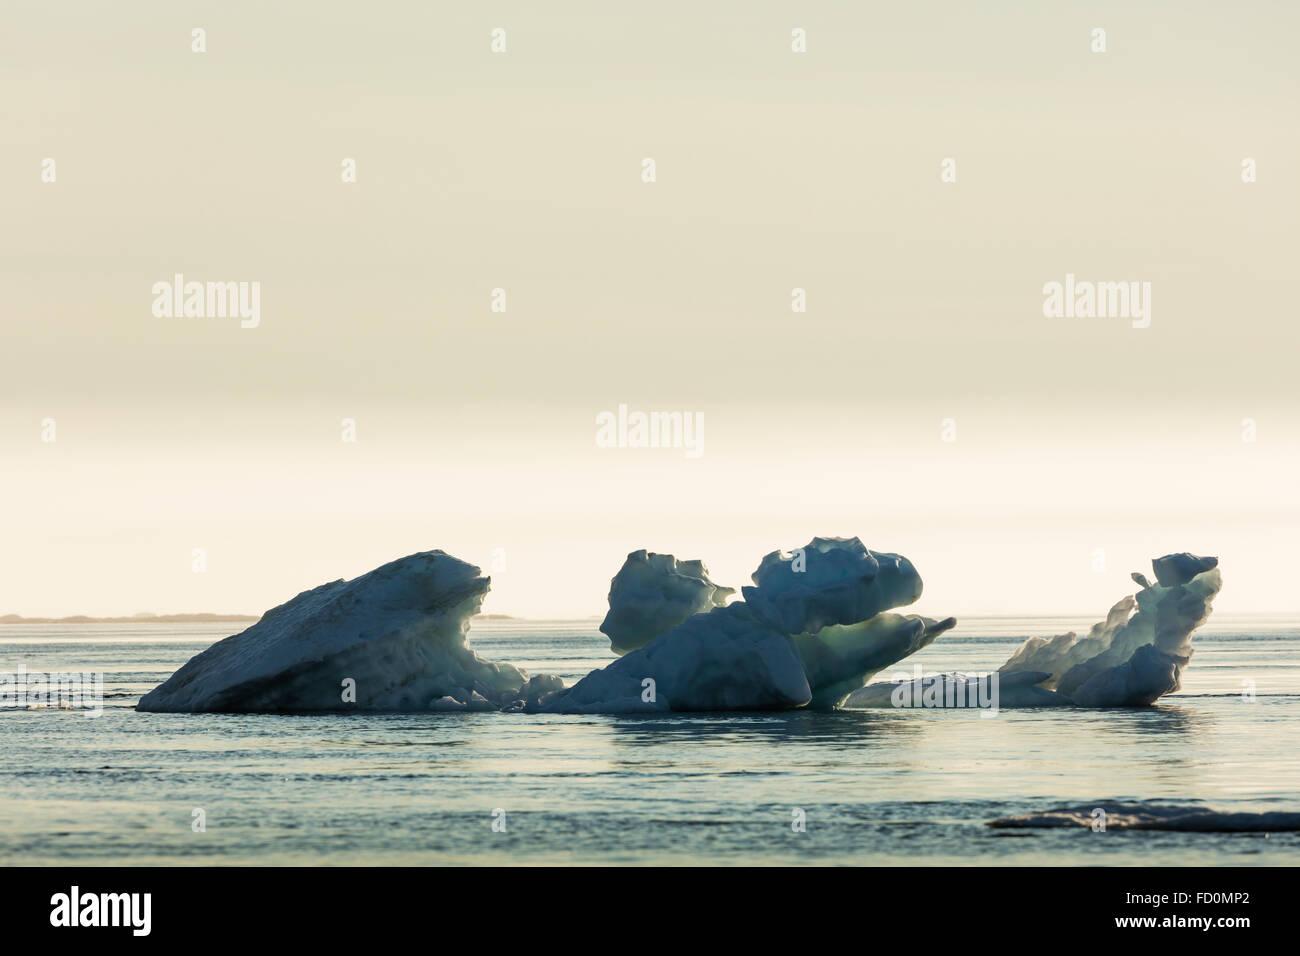 Canada, Nunavut Territory, Ukkusiksalik National Park, Melting iceberg floating in Hudson Bay on summer evening - Stock Image